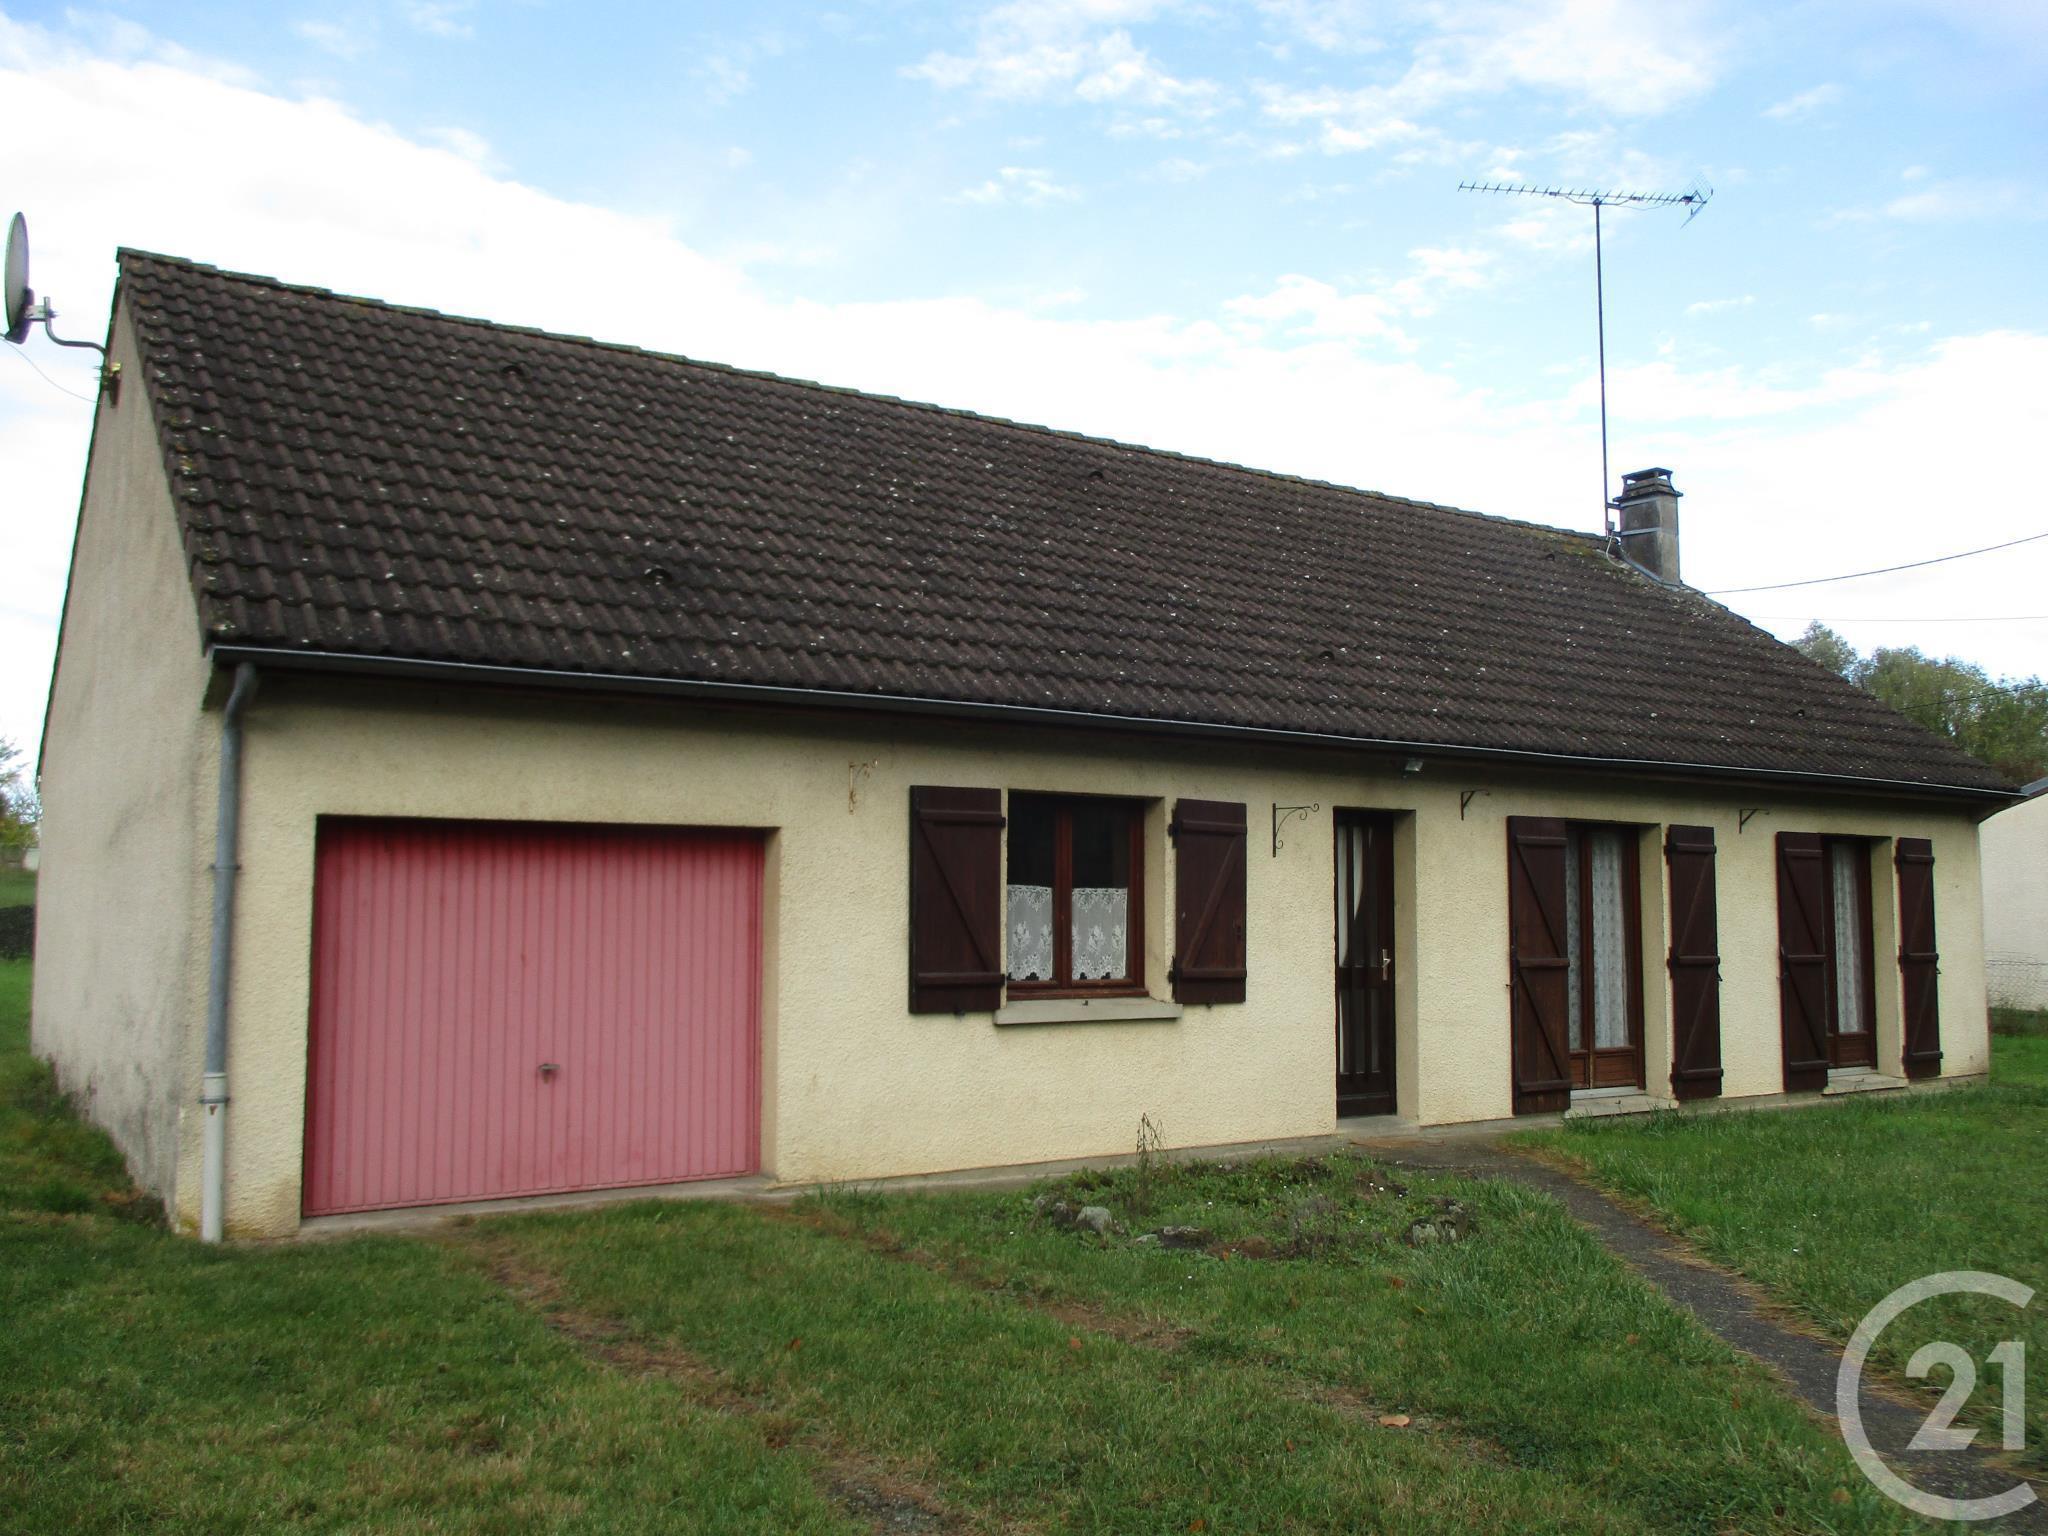 Annonce vente maison p ronne 80200 90 m 109 000 for Annonce vente de maison